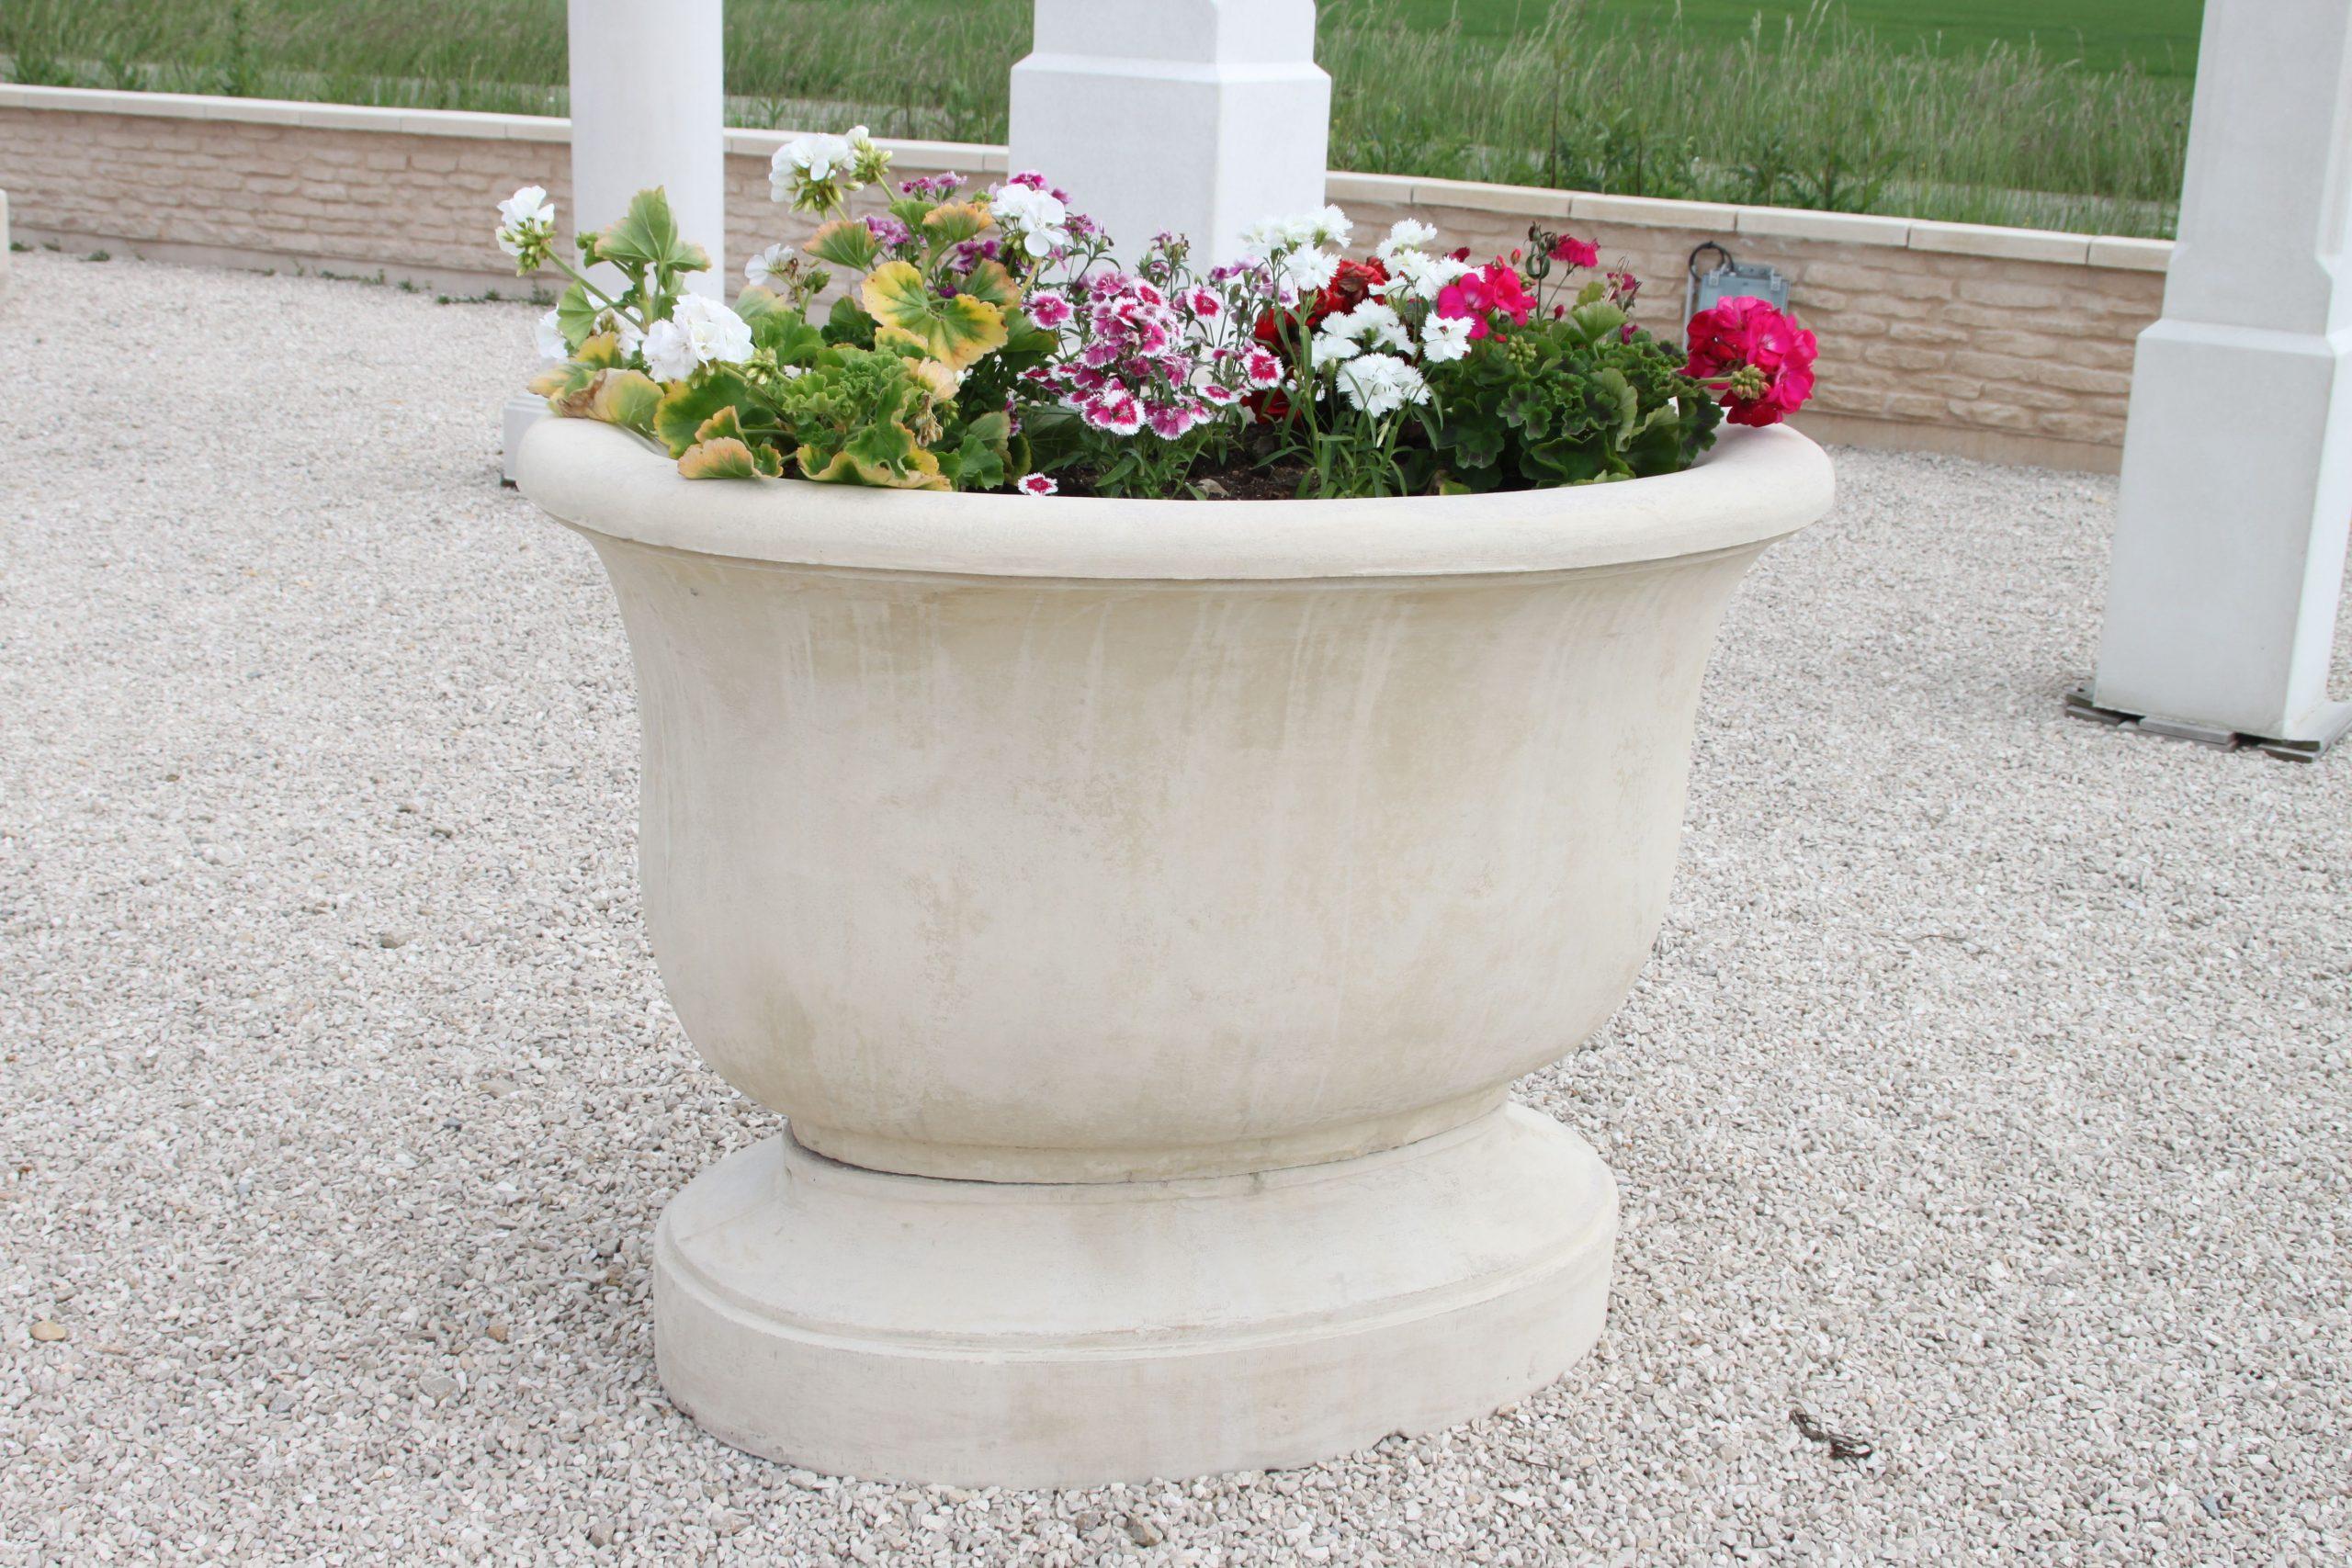 Épinglé Sur Vasques De Jardin En Pierre Reconstituée pour Vasque Jardin Pierre